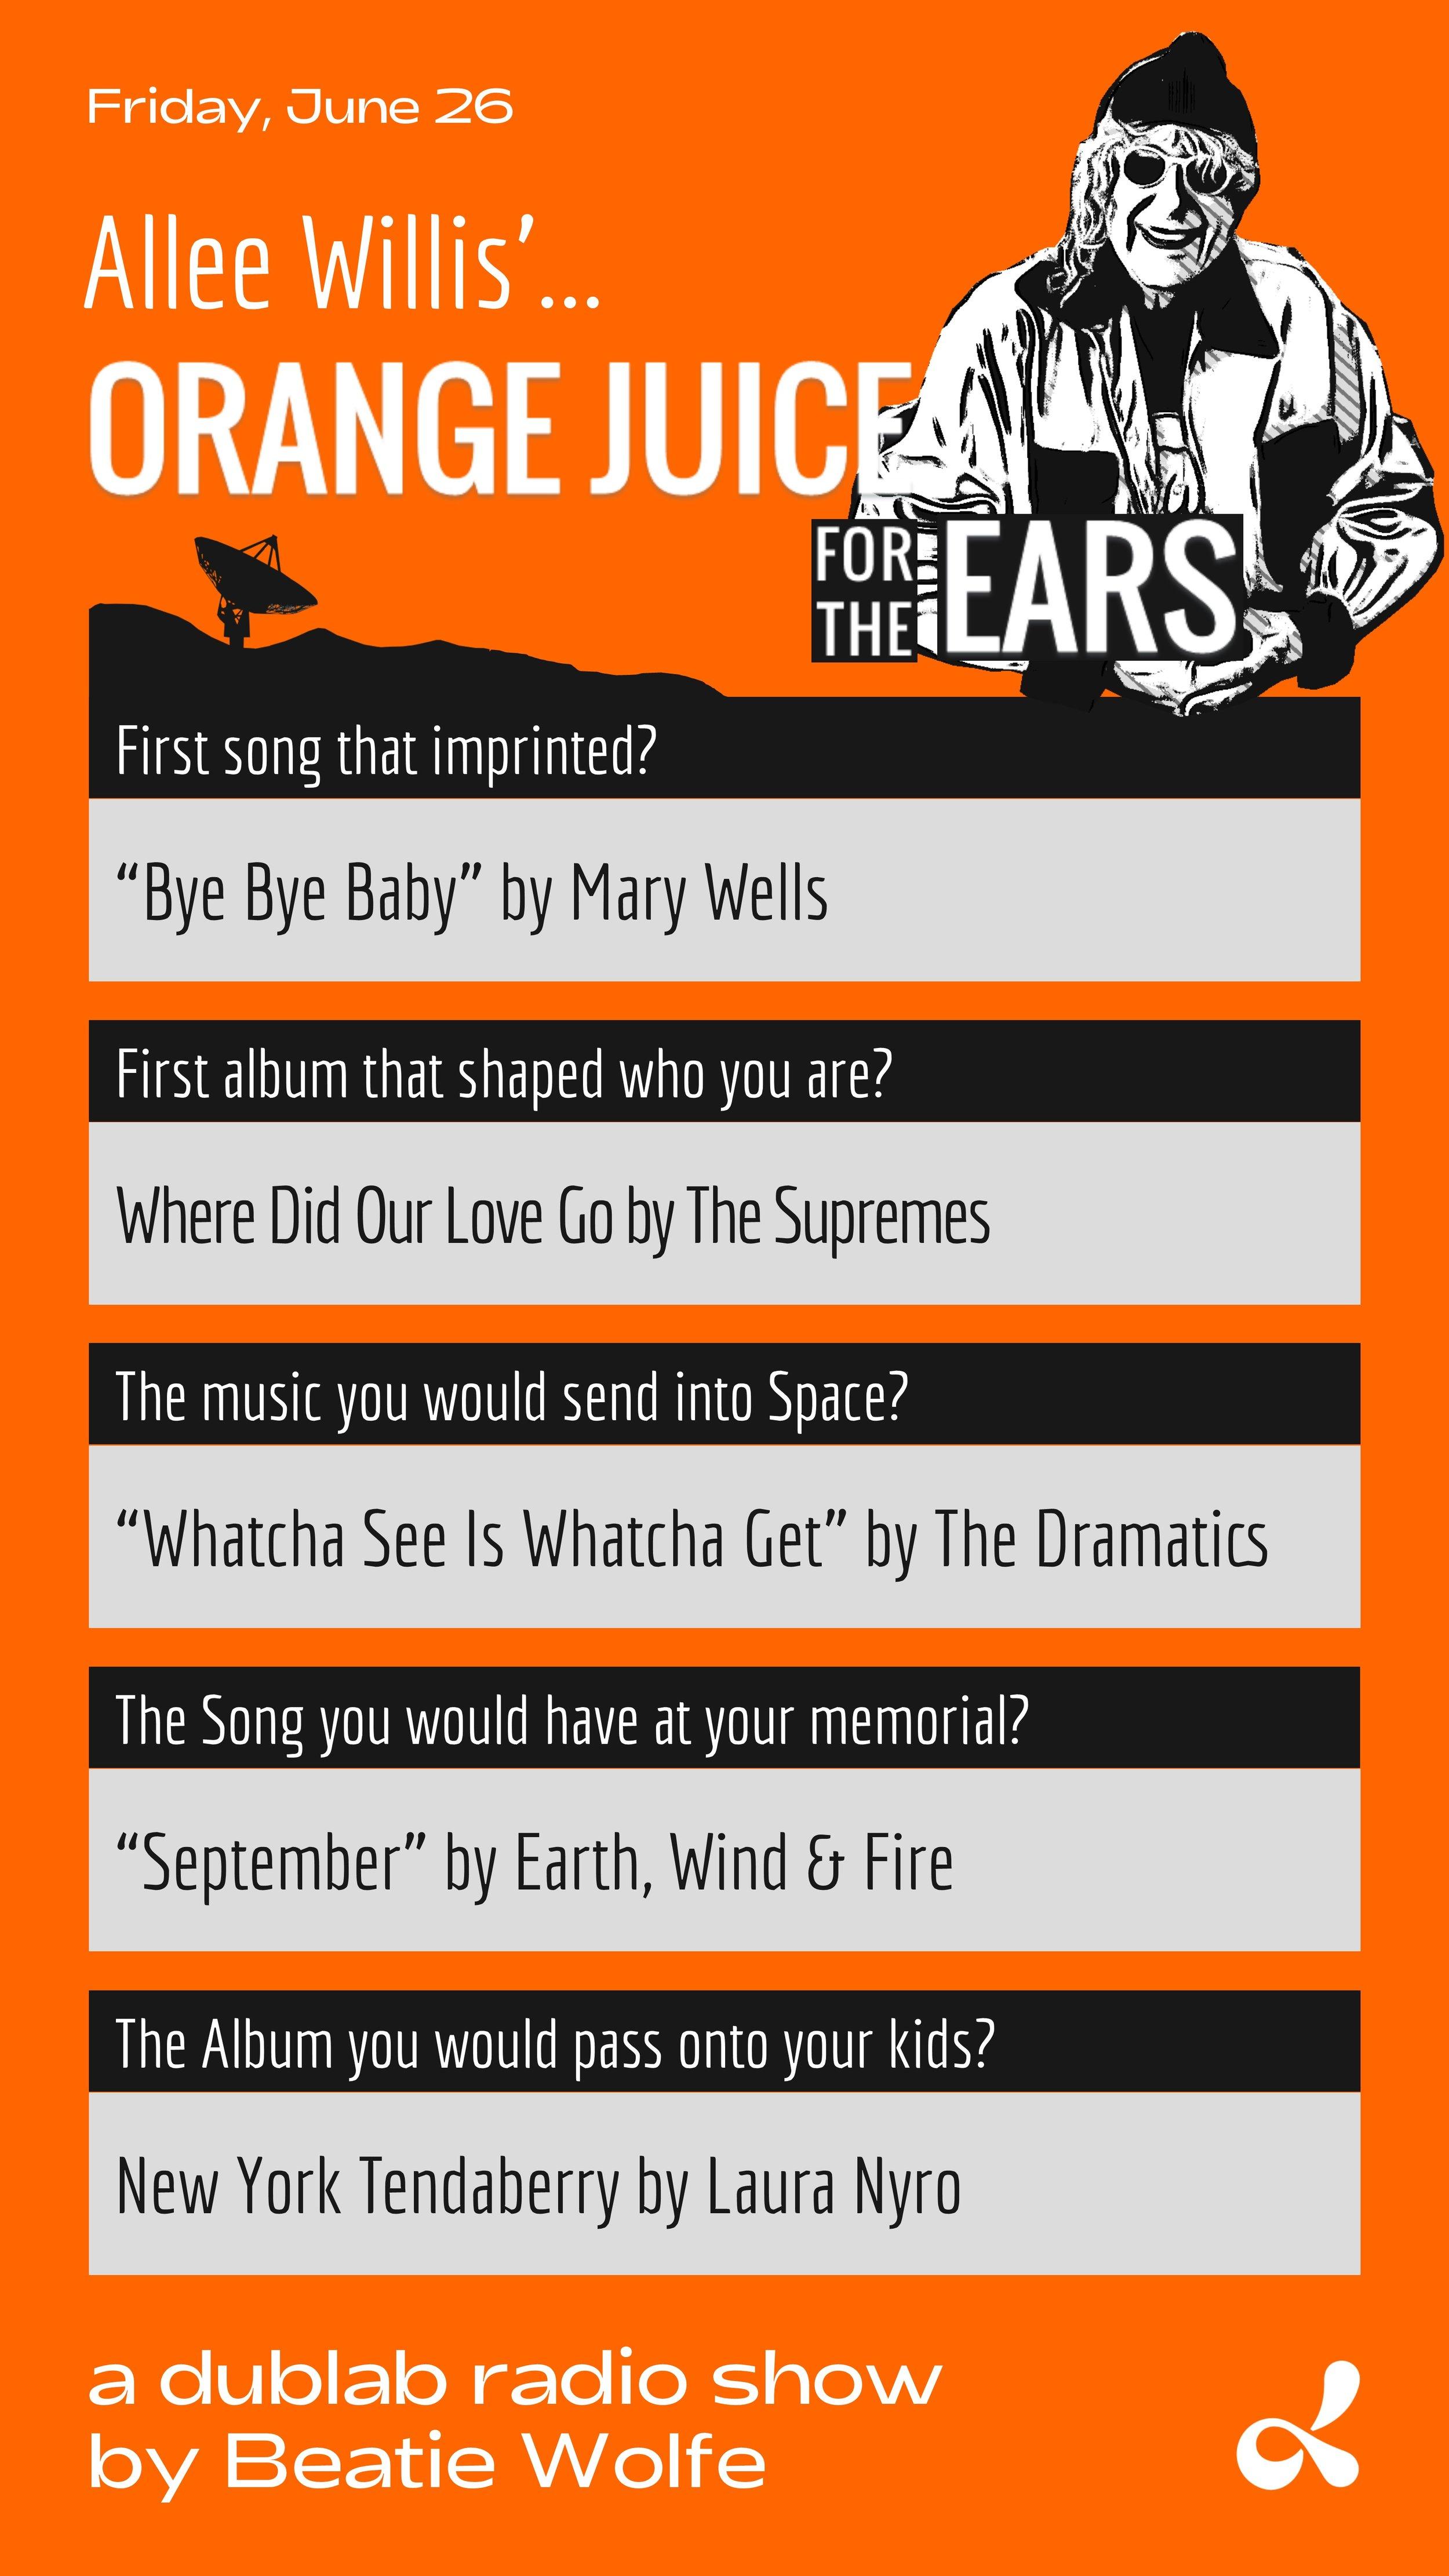 Ear OJ Tracks - Allee Willis - IG Stories.jpg